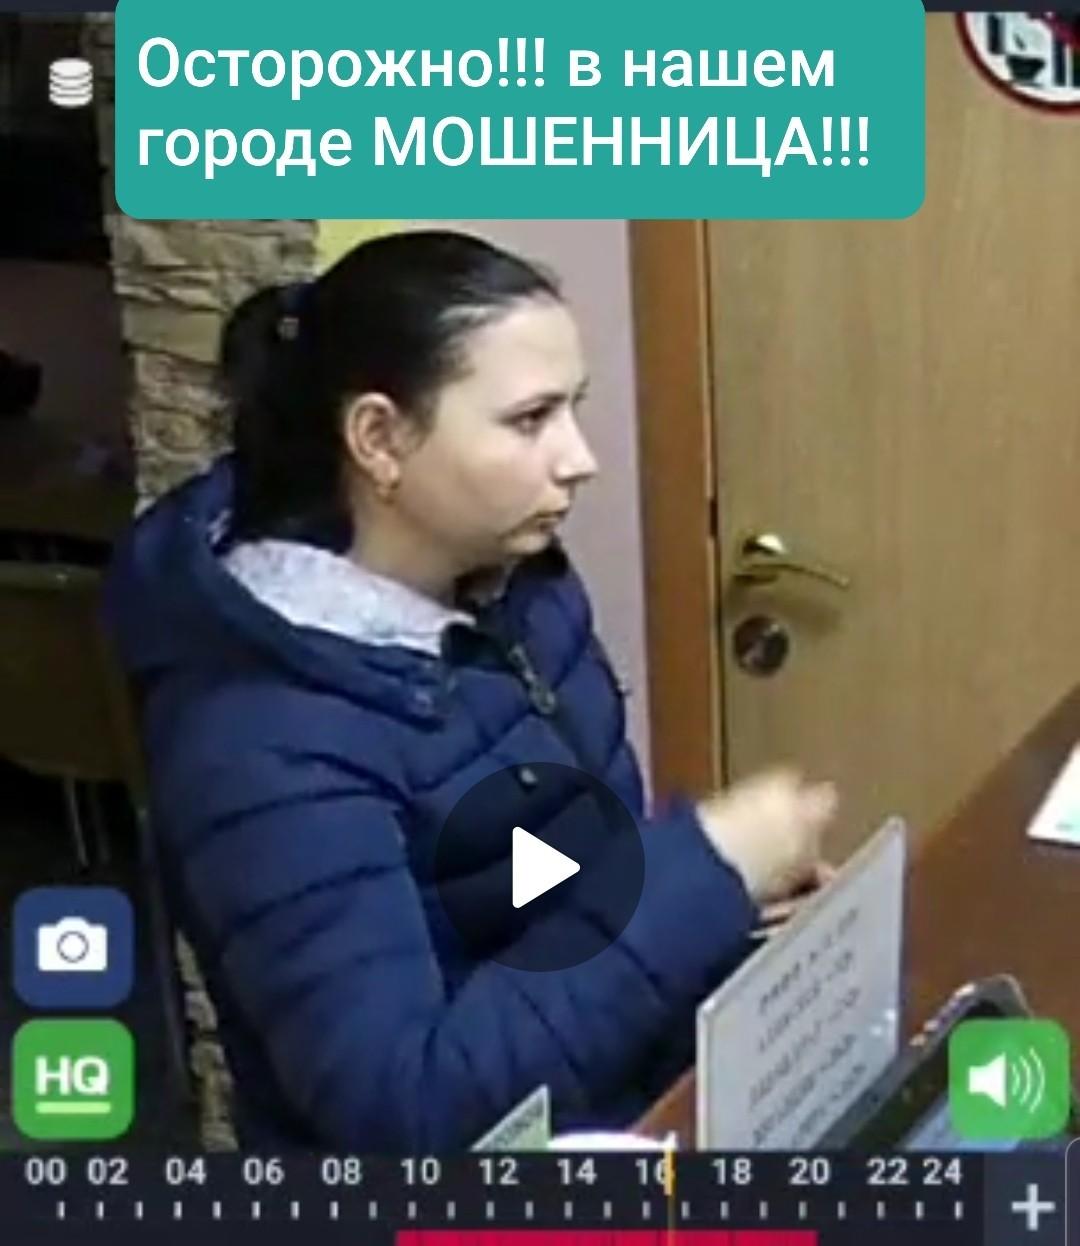 Уважаемые Звенигородцы, будьте бдительны!!! Вот эта дама